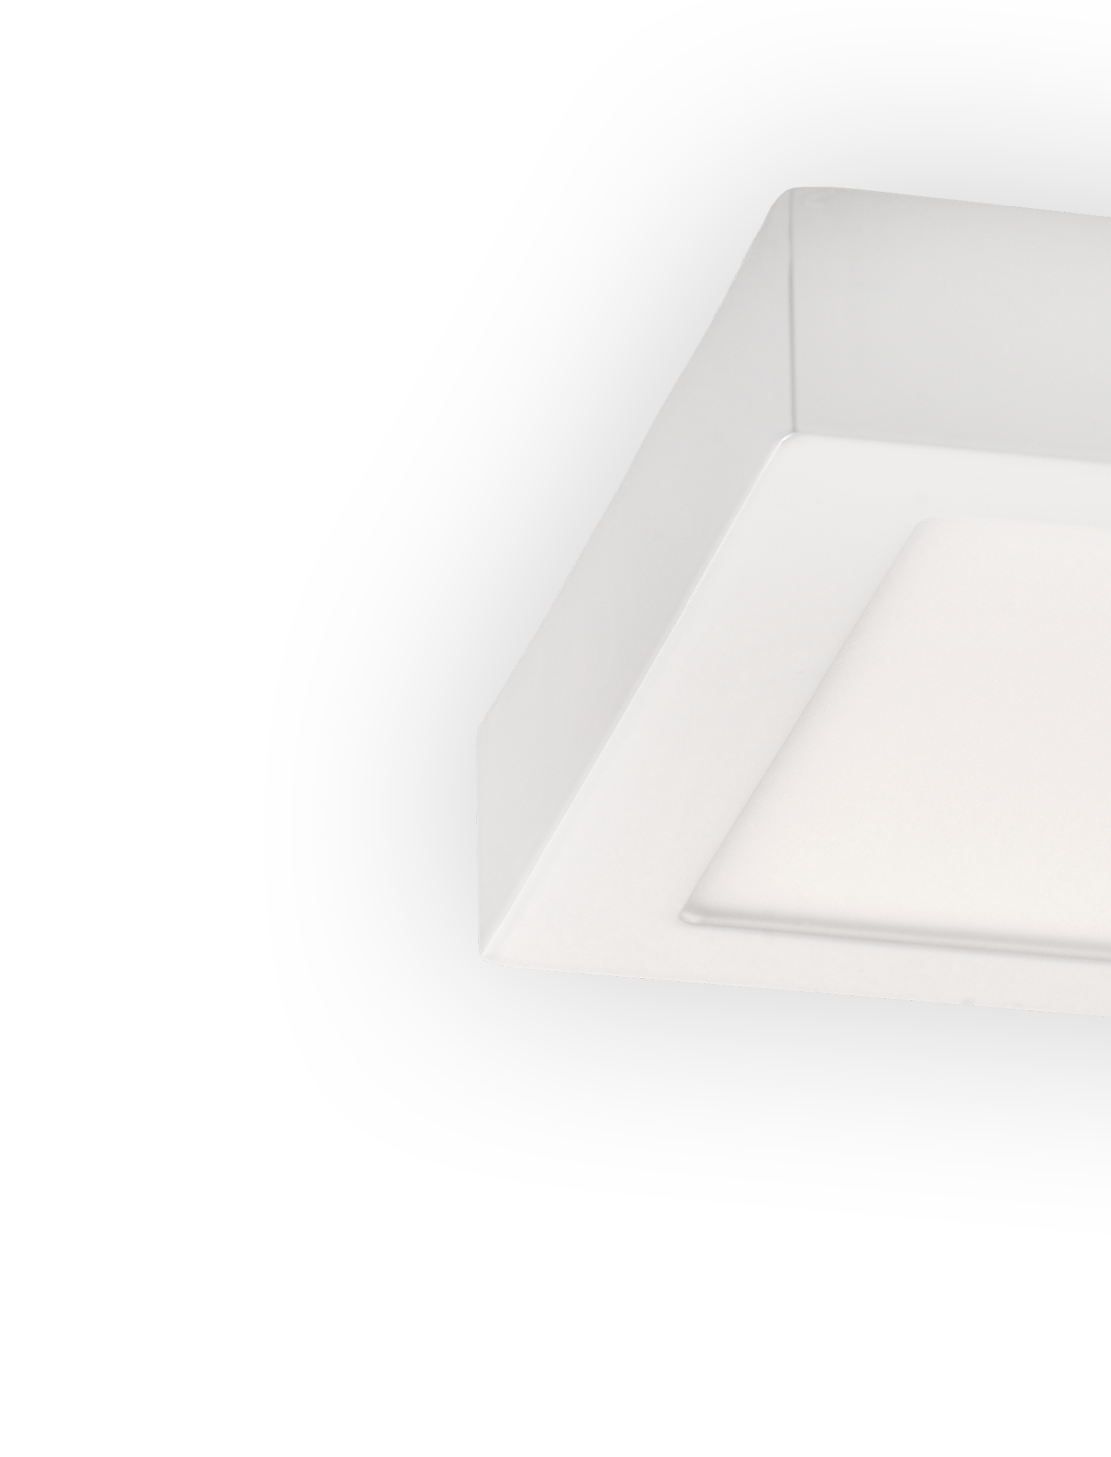 Led Square 20w en detalle